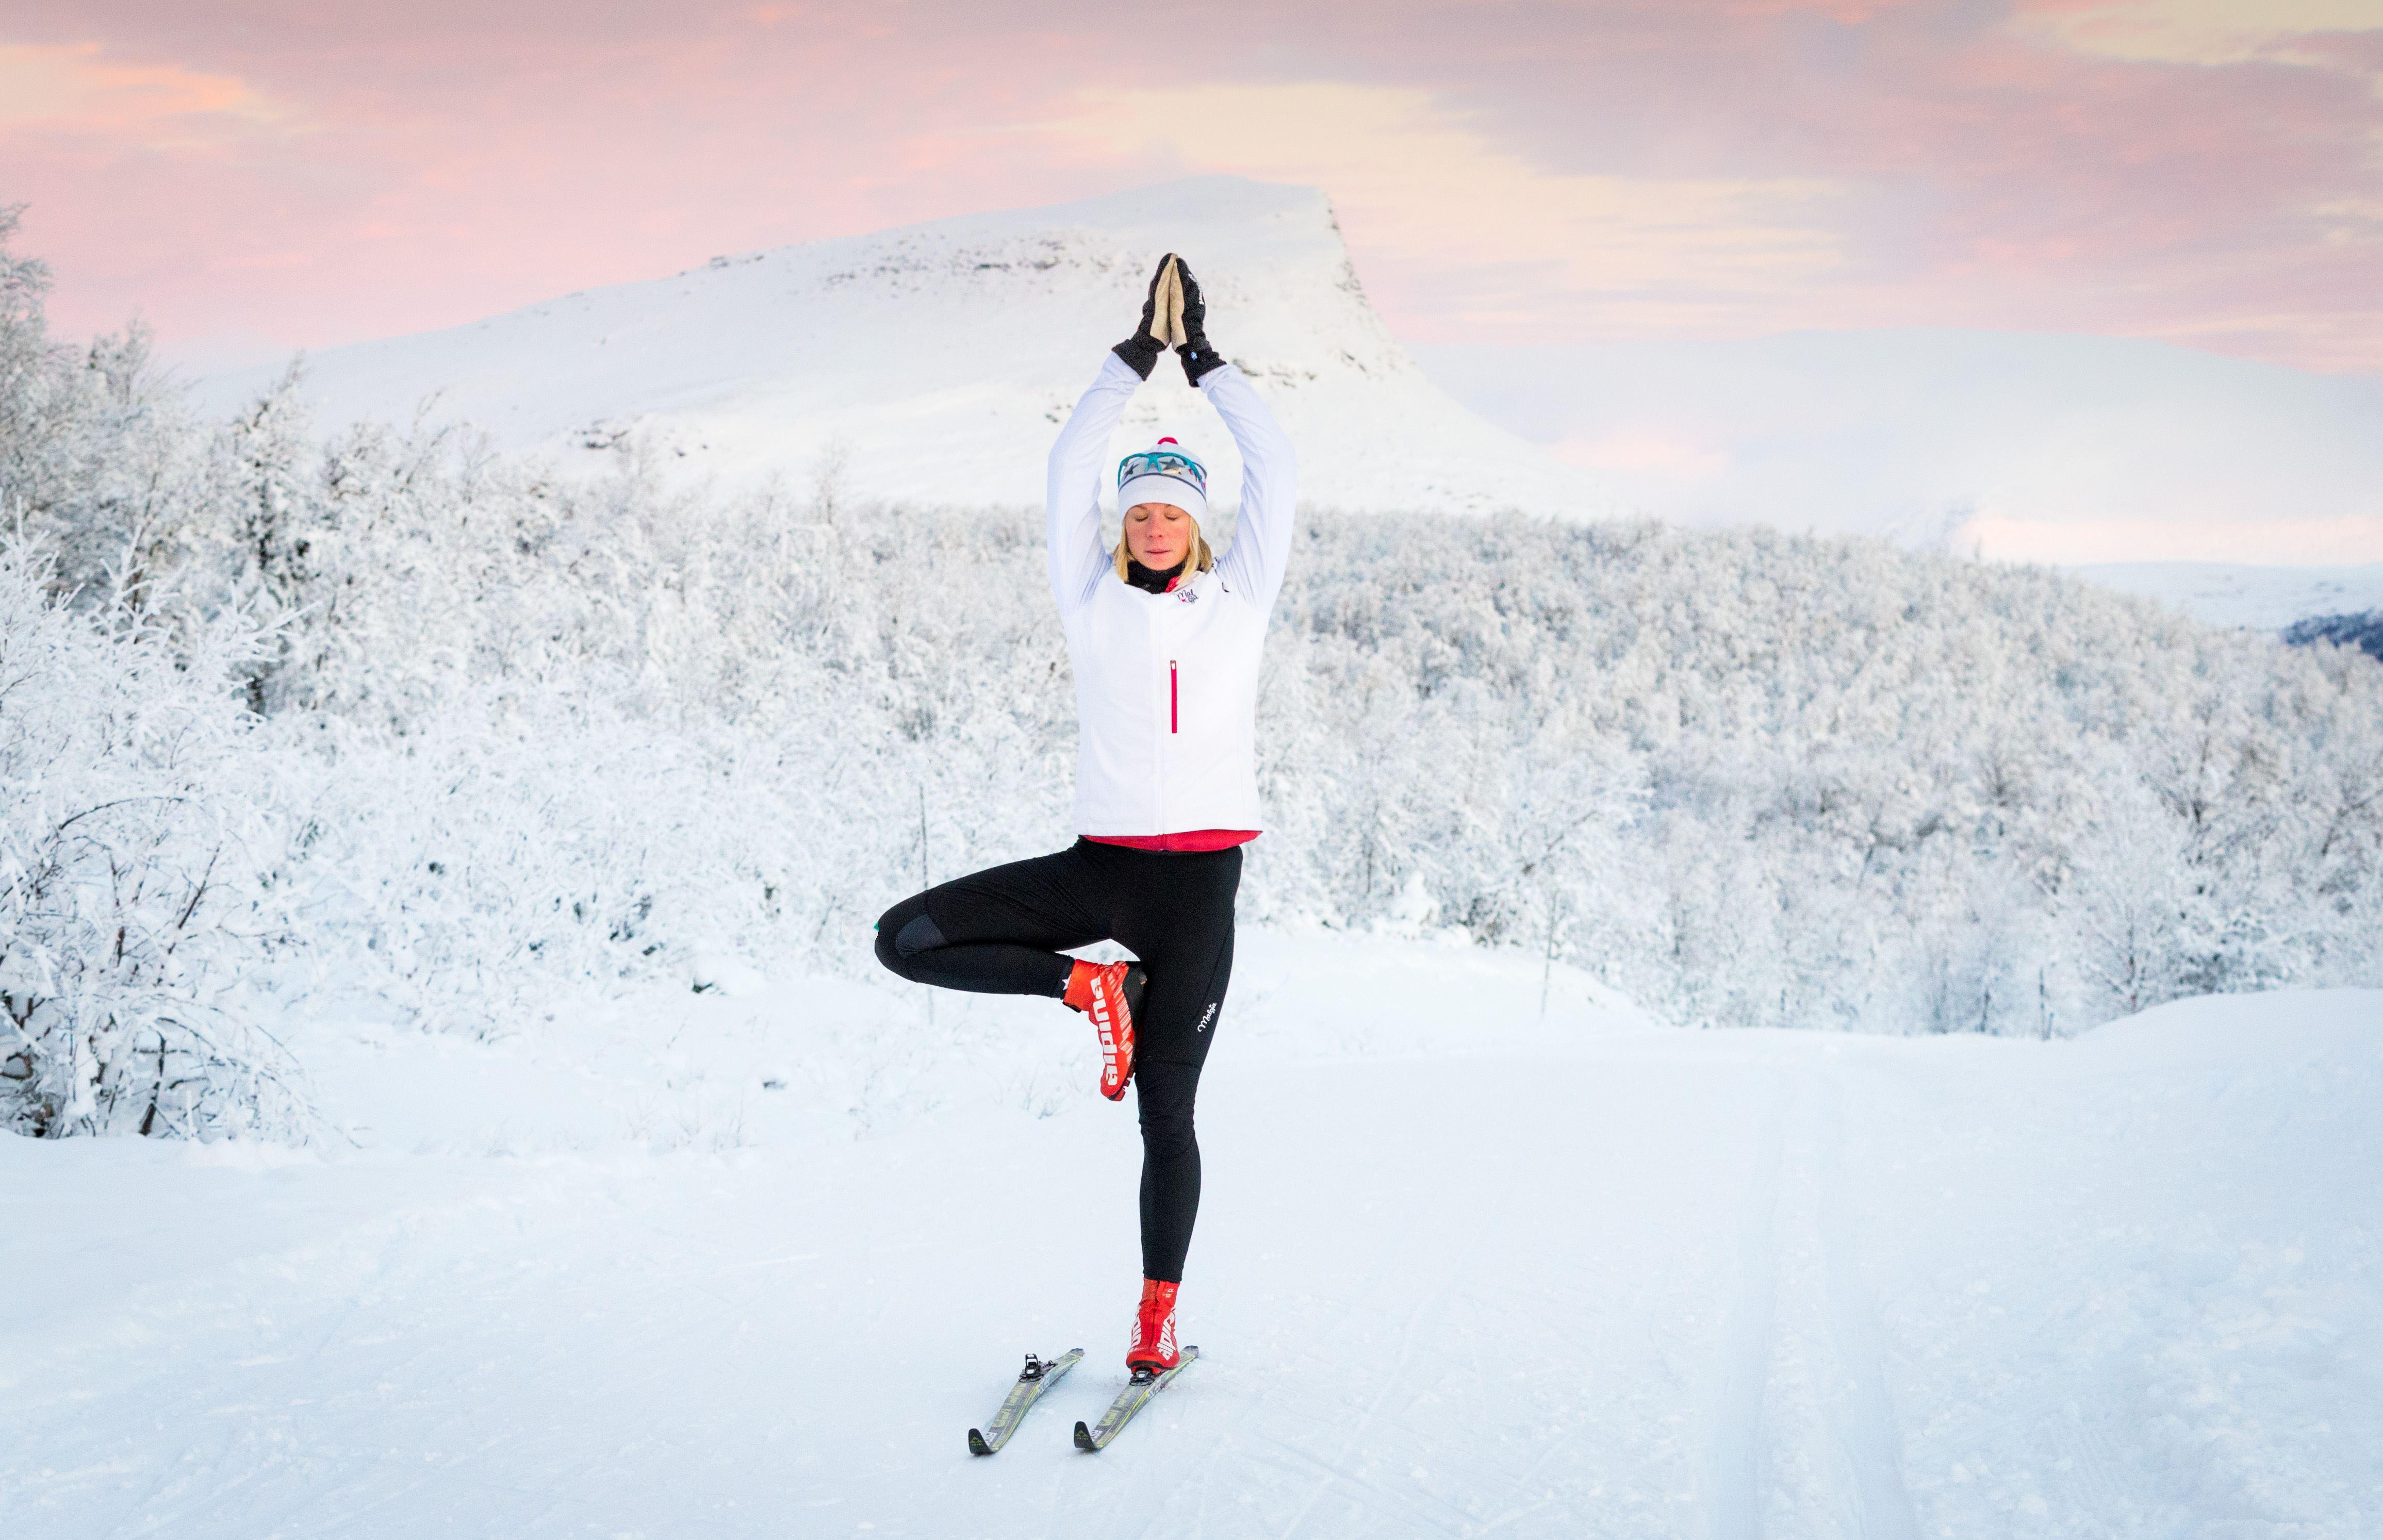 Mikaelas Ski School Funäsfjällen